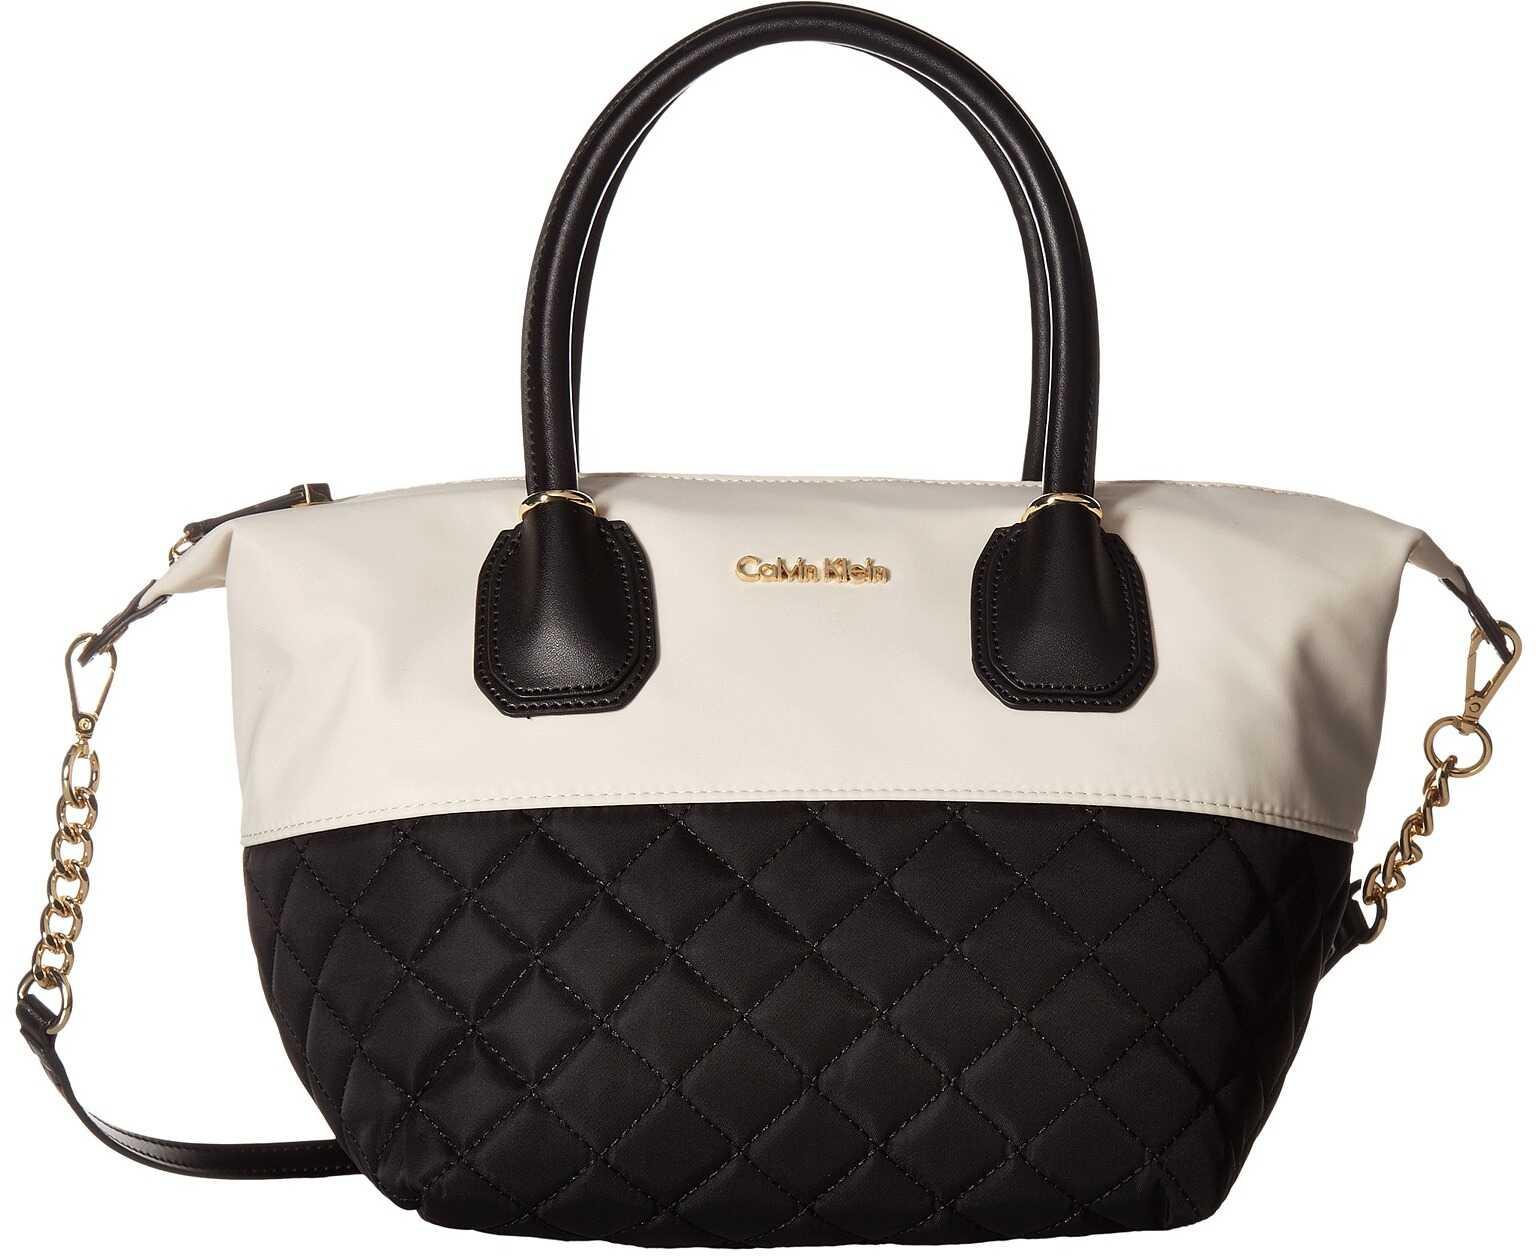 Calvin Klein Florence Small Nylon Tote White/Black